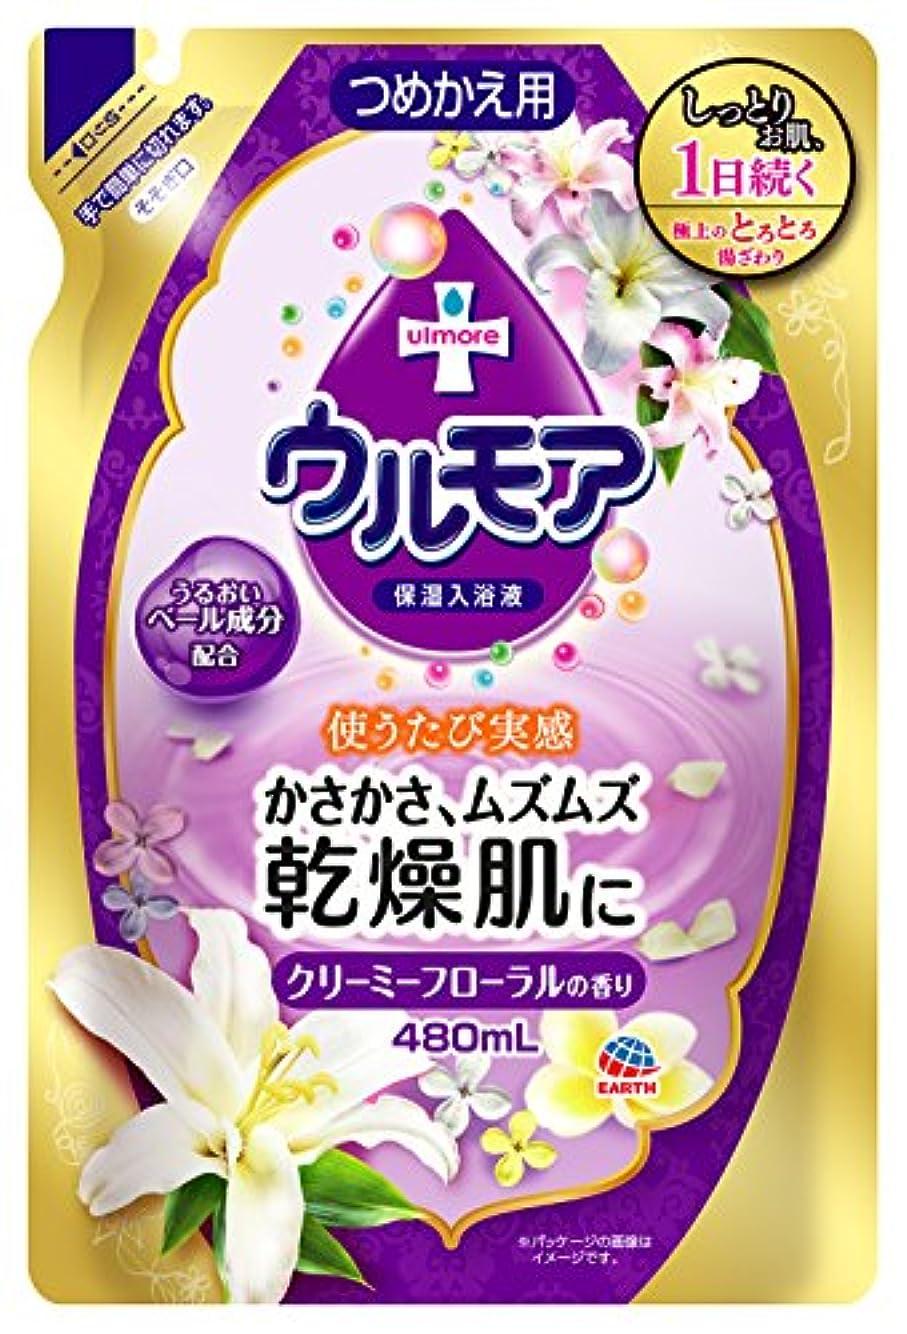 アース製薬 保湿入浴液 ウルモアクリーミーフローラルつめかえ 480ml